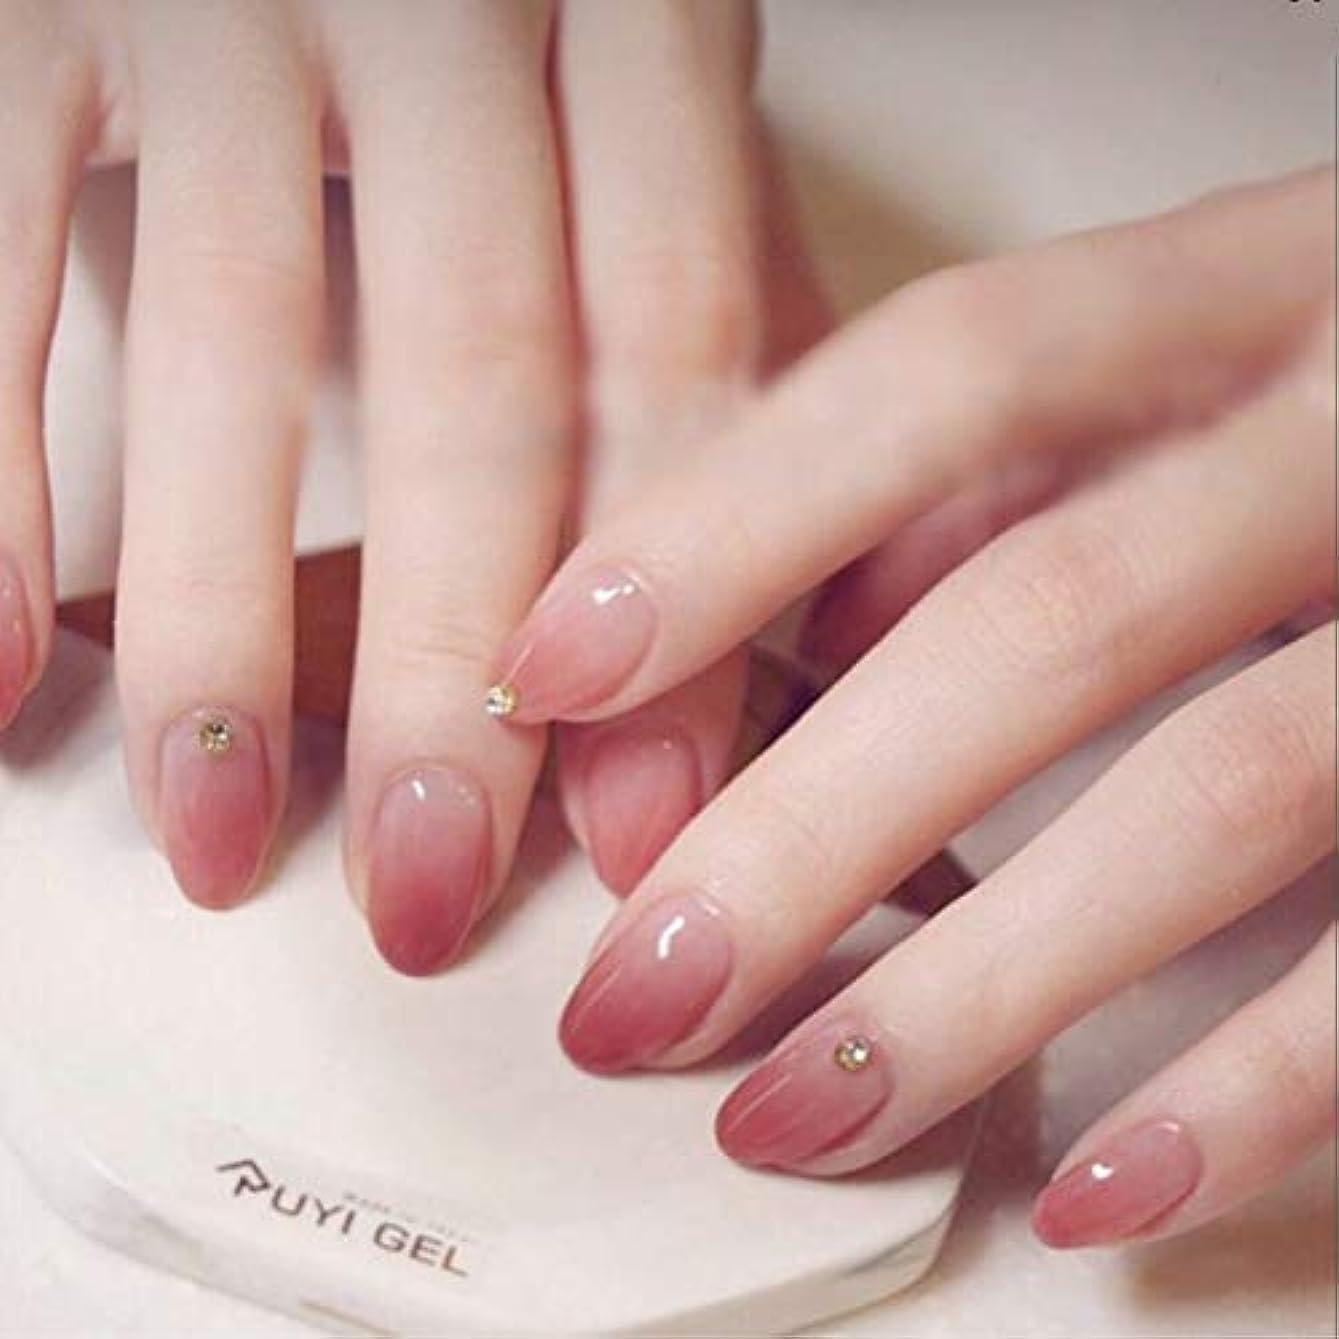 壊すログ出しますミディアムサイズネイルチップ ピンク色変化ネイル ラインストーンが付き 手作りネイル ins風ネイル お嫁ネイル つけ爪